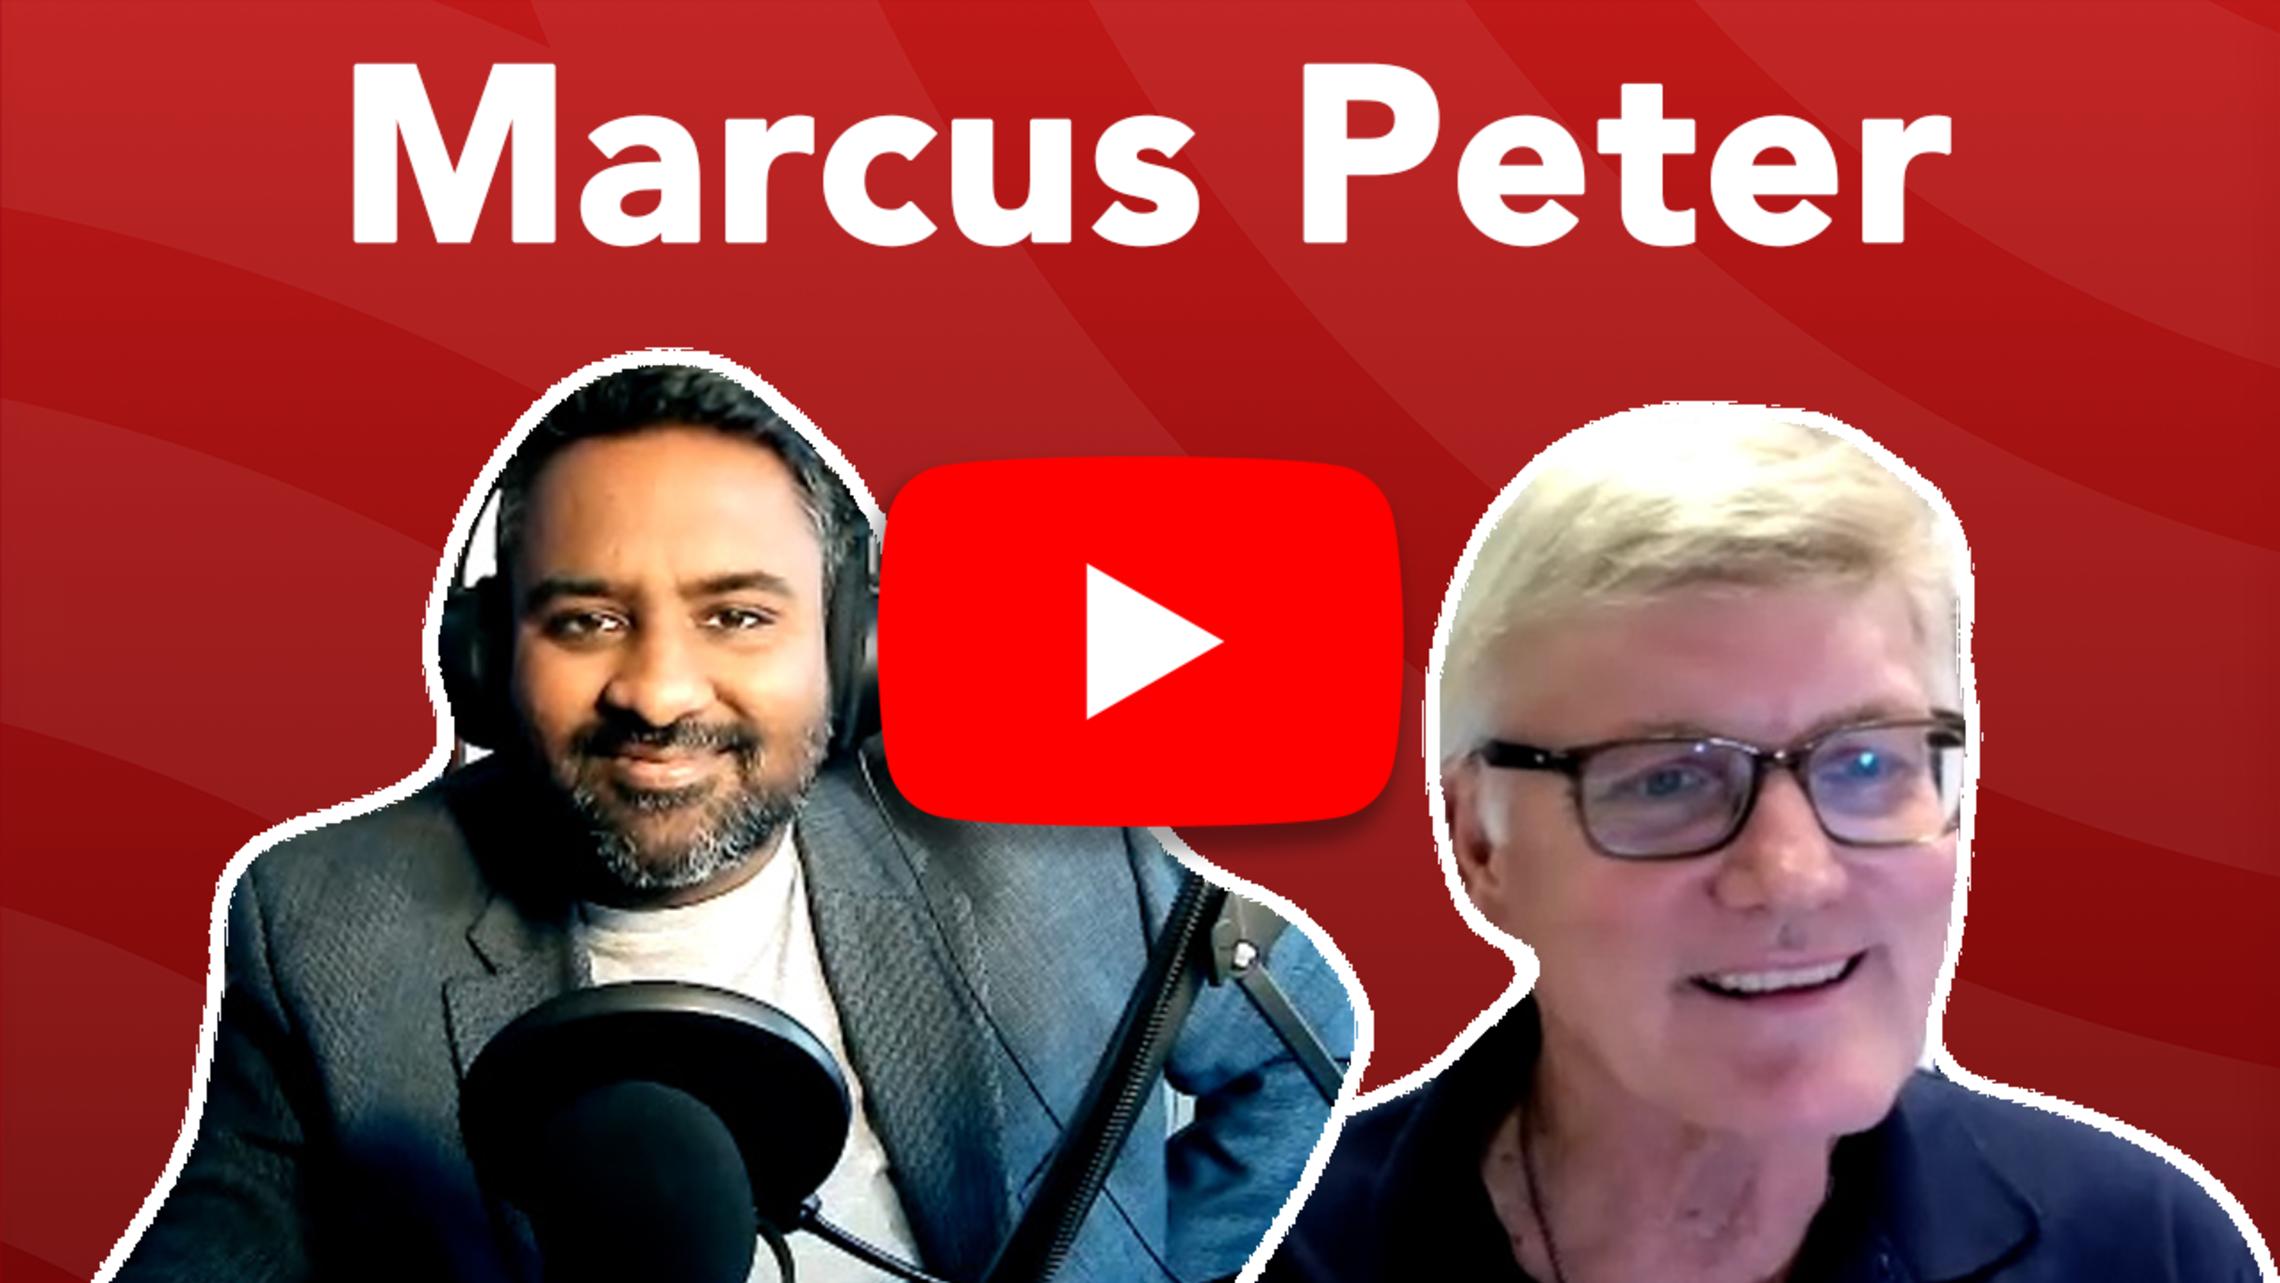 Marcus Peter Tn Website